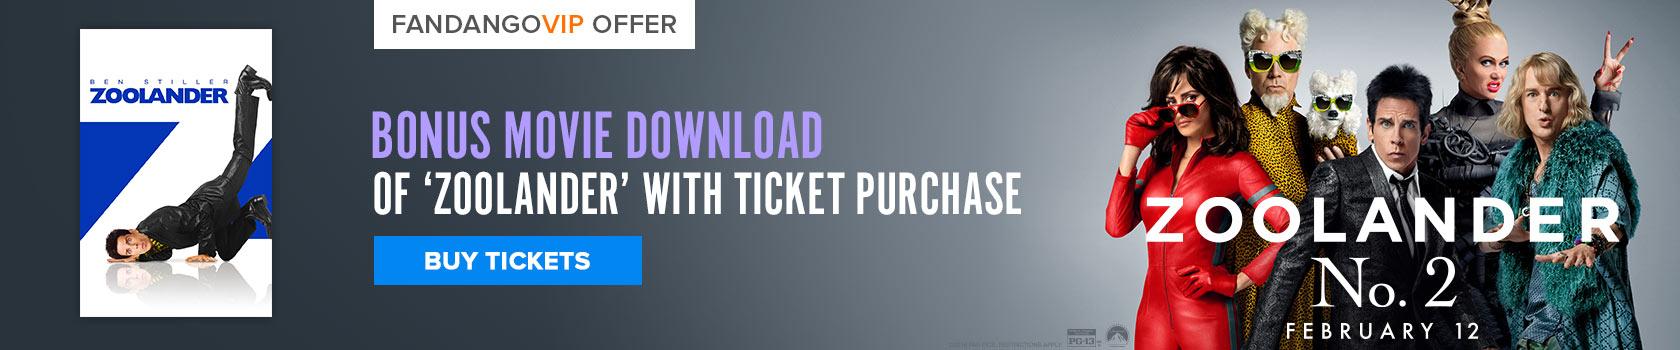 Fandango Zoolander 2 Free Gift With Purchase